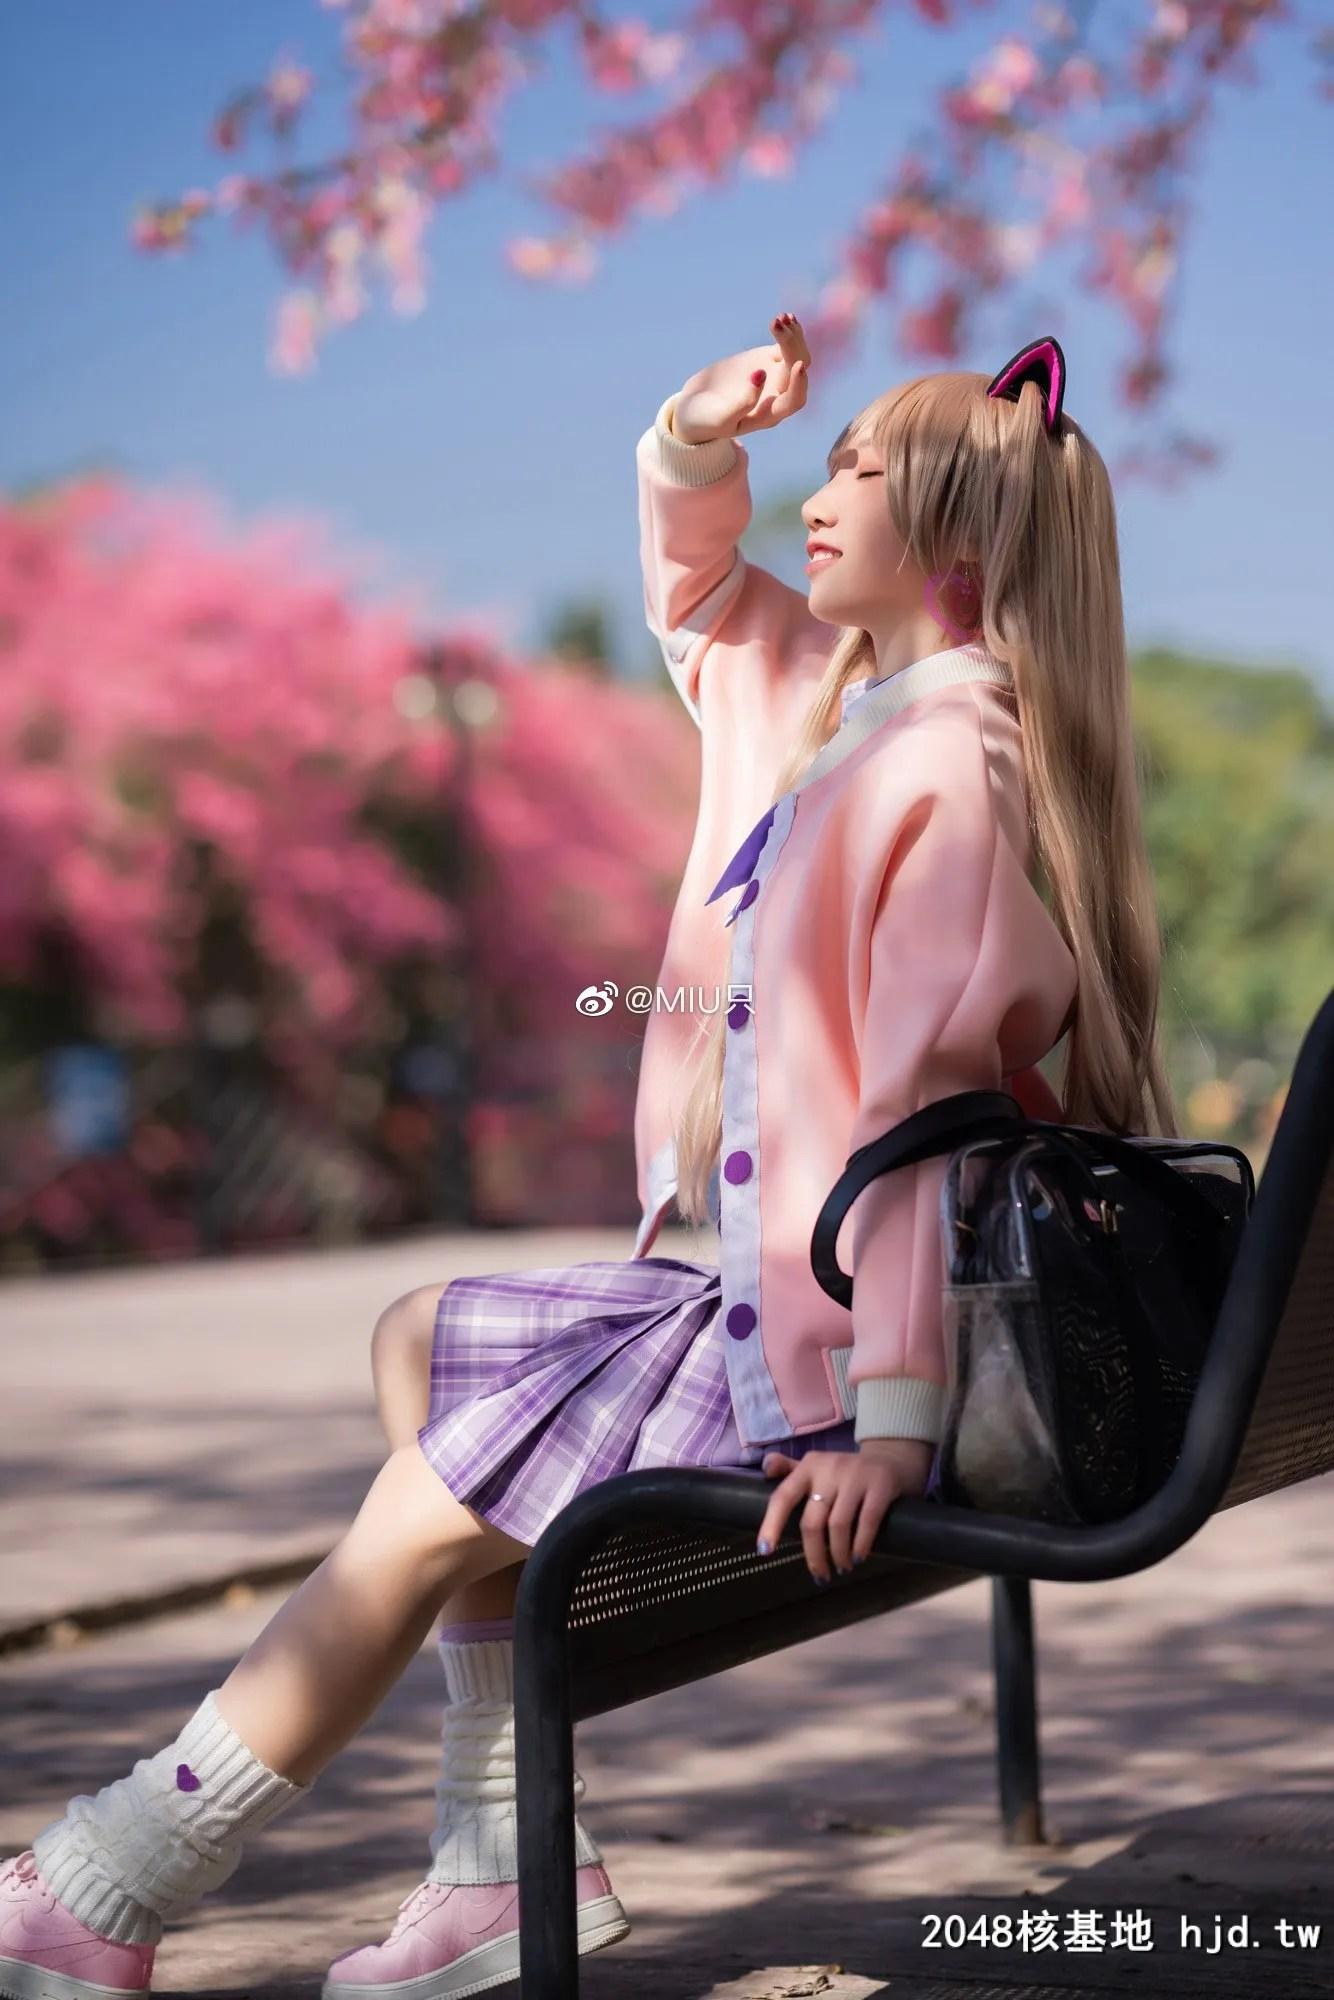 少女前线Mk23—宣告开学的喵之歌@MIU只 (10P)插图(1)